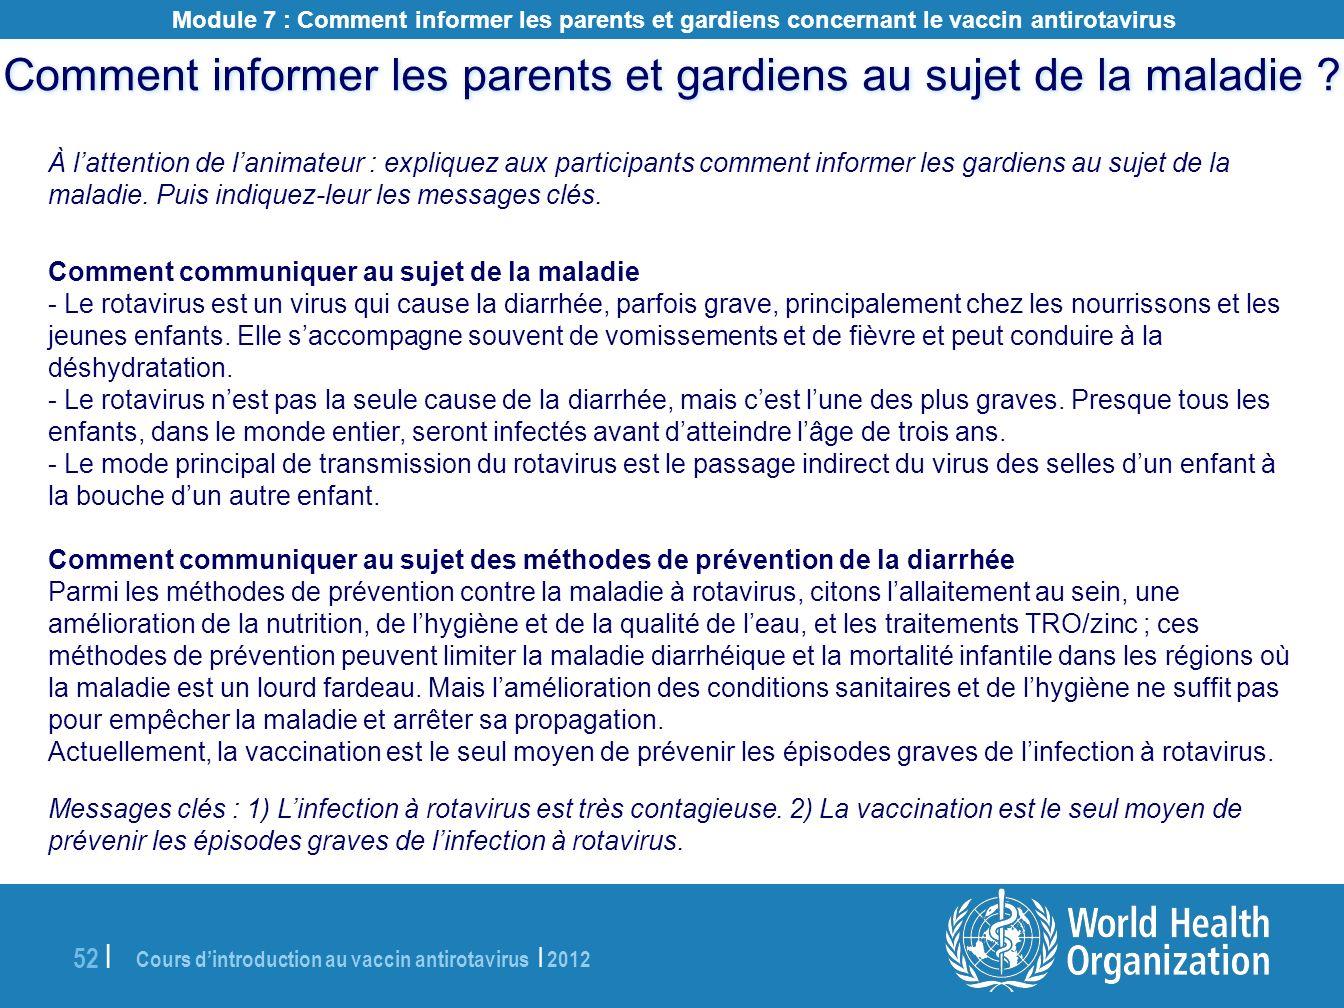 Comment informer les parents et gardiens au sujet de la maladie